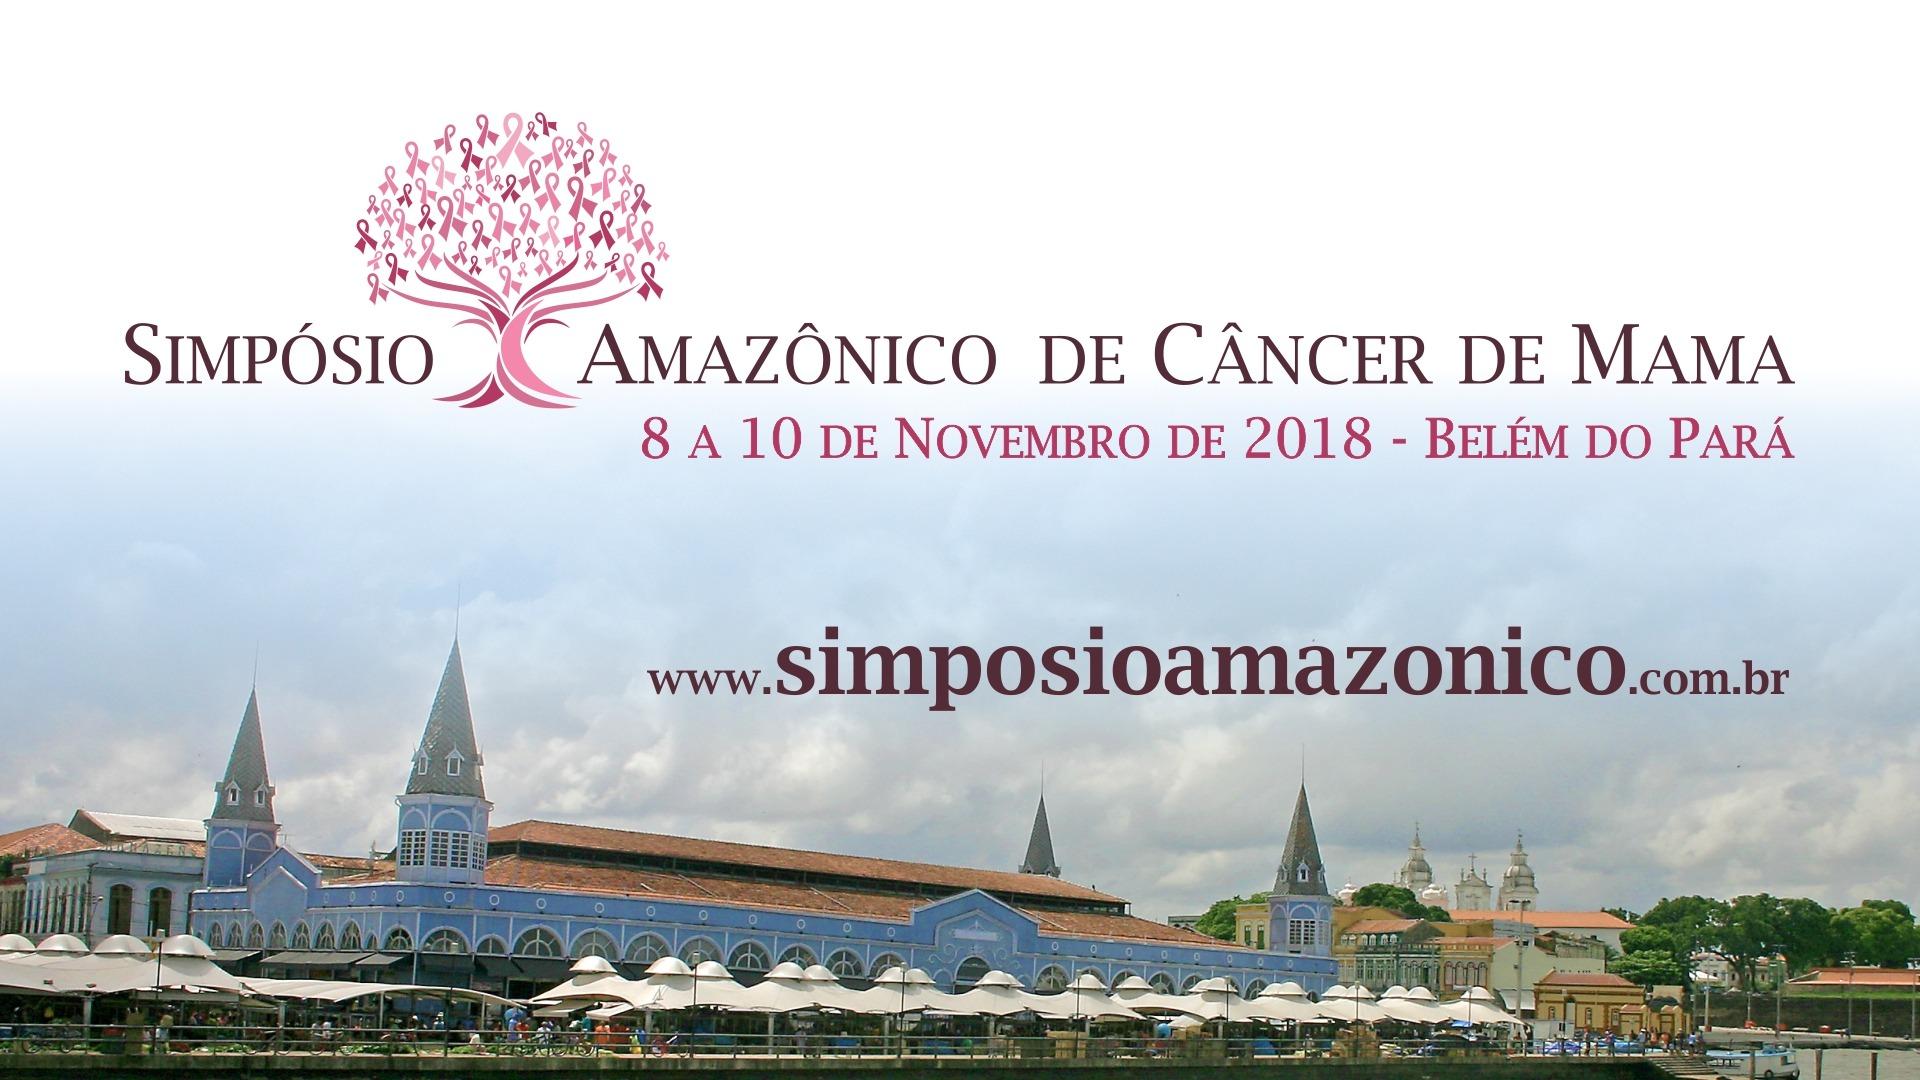 Simpósio Amazônico de Câncer de Mama